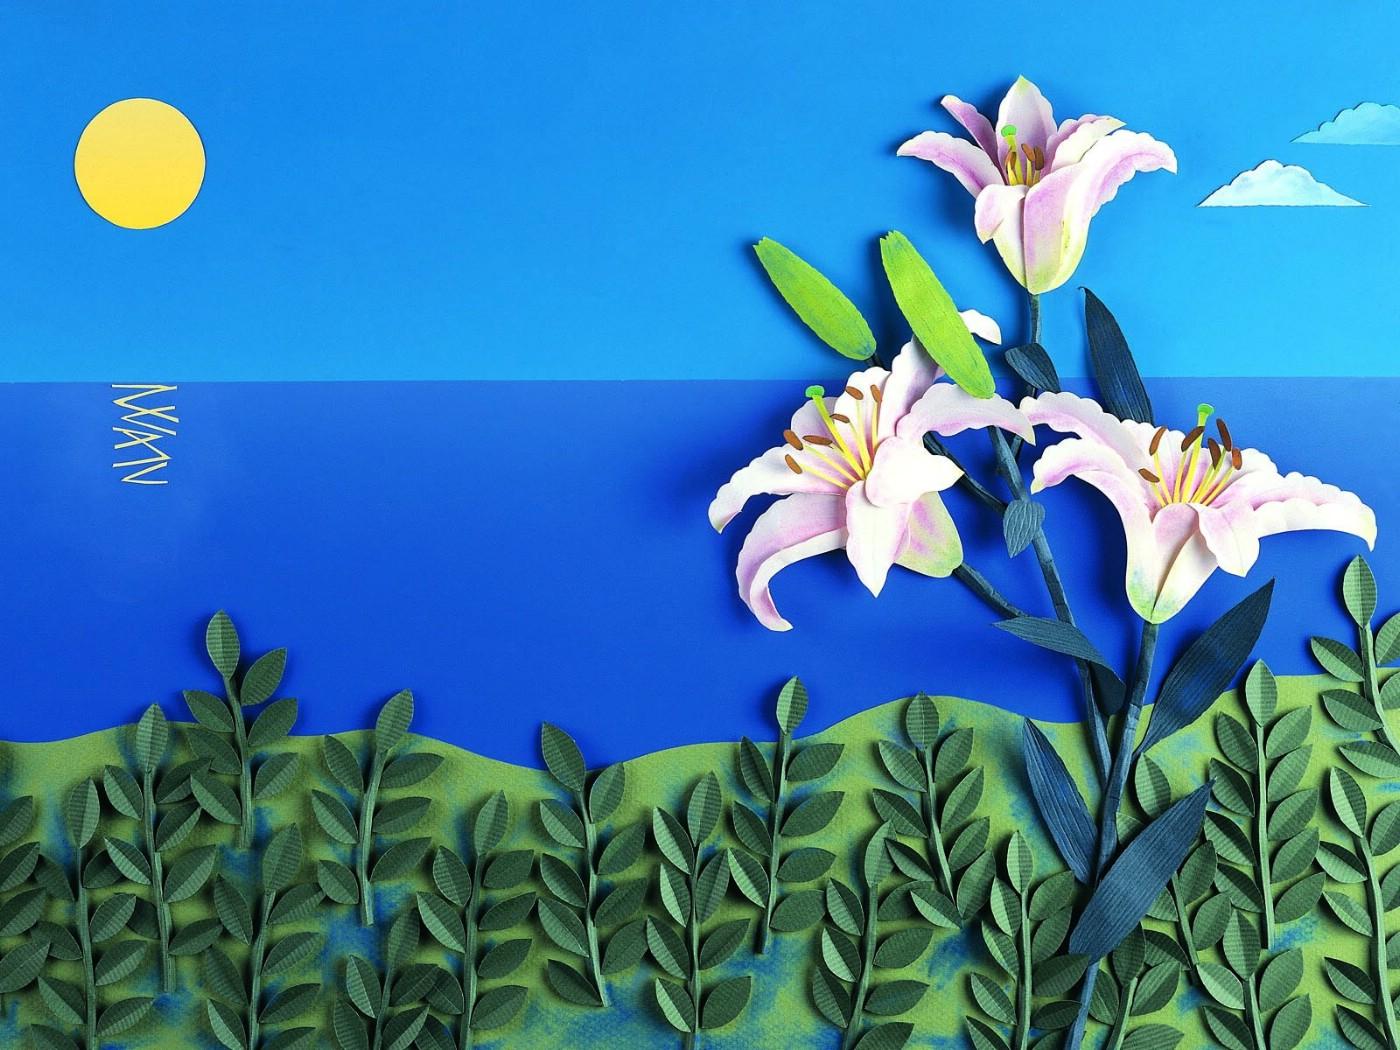 1050剪纸贴画 18壁纸,剪纸贴画壁纸图片 绘画壁纸 绘画图片素材